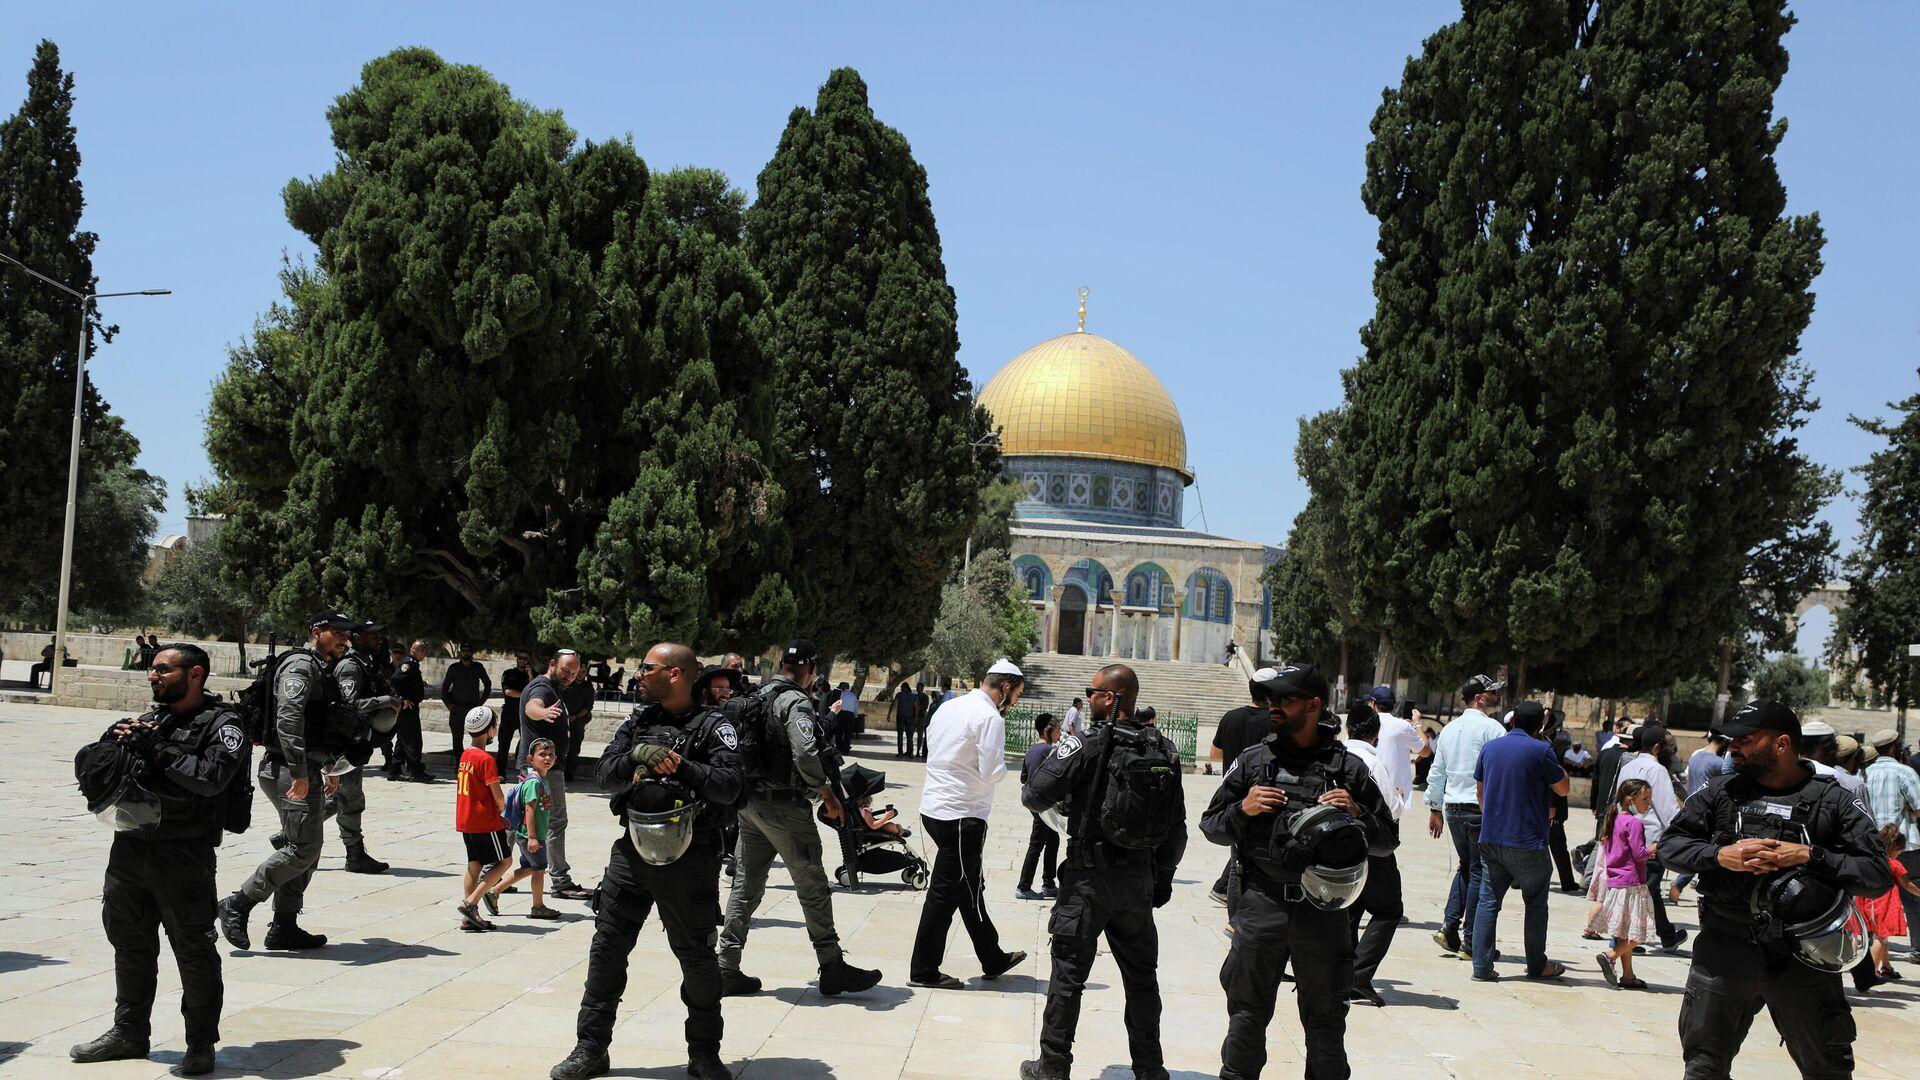 Las visitas judías a las que se oponen los palestinos,avivan las tensiones en Jerusalén - Sputnik Mundo, 1920, 19.07.2021